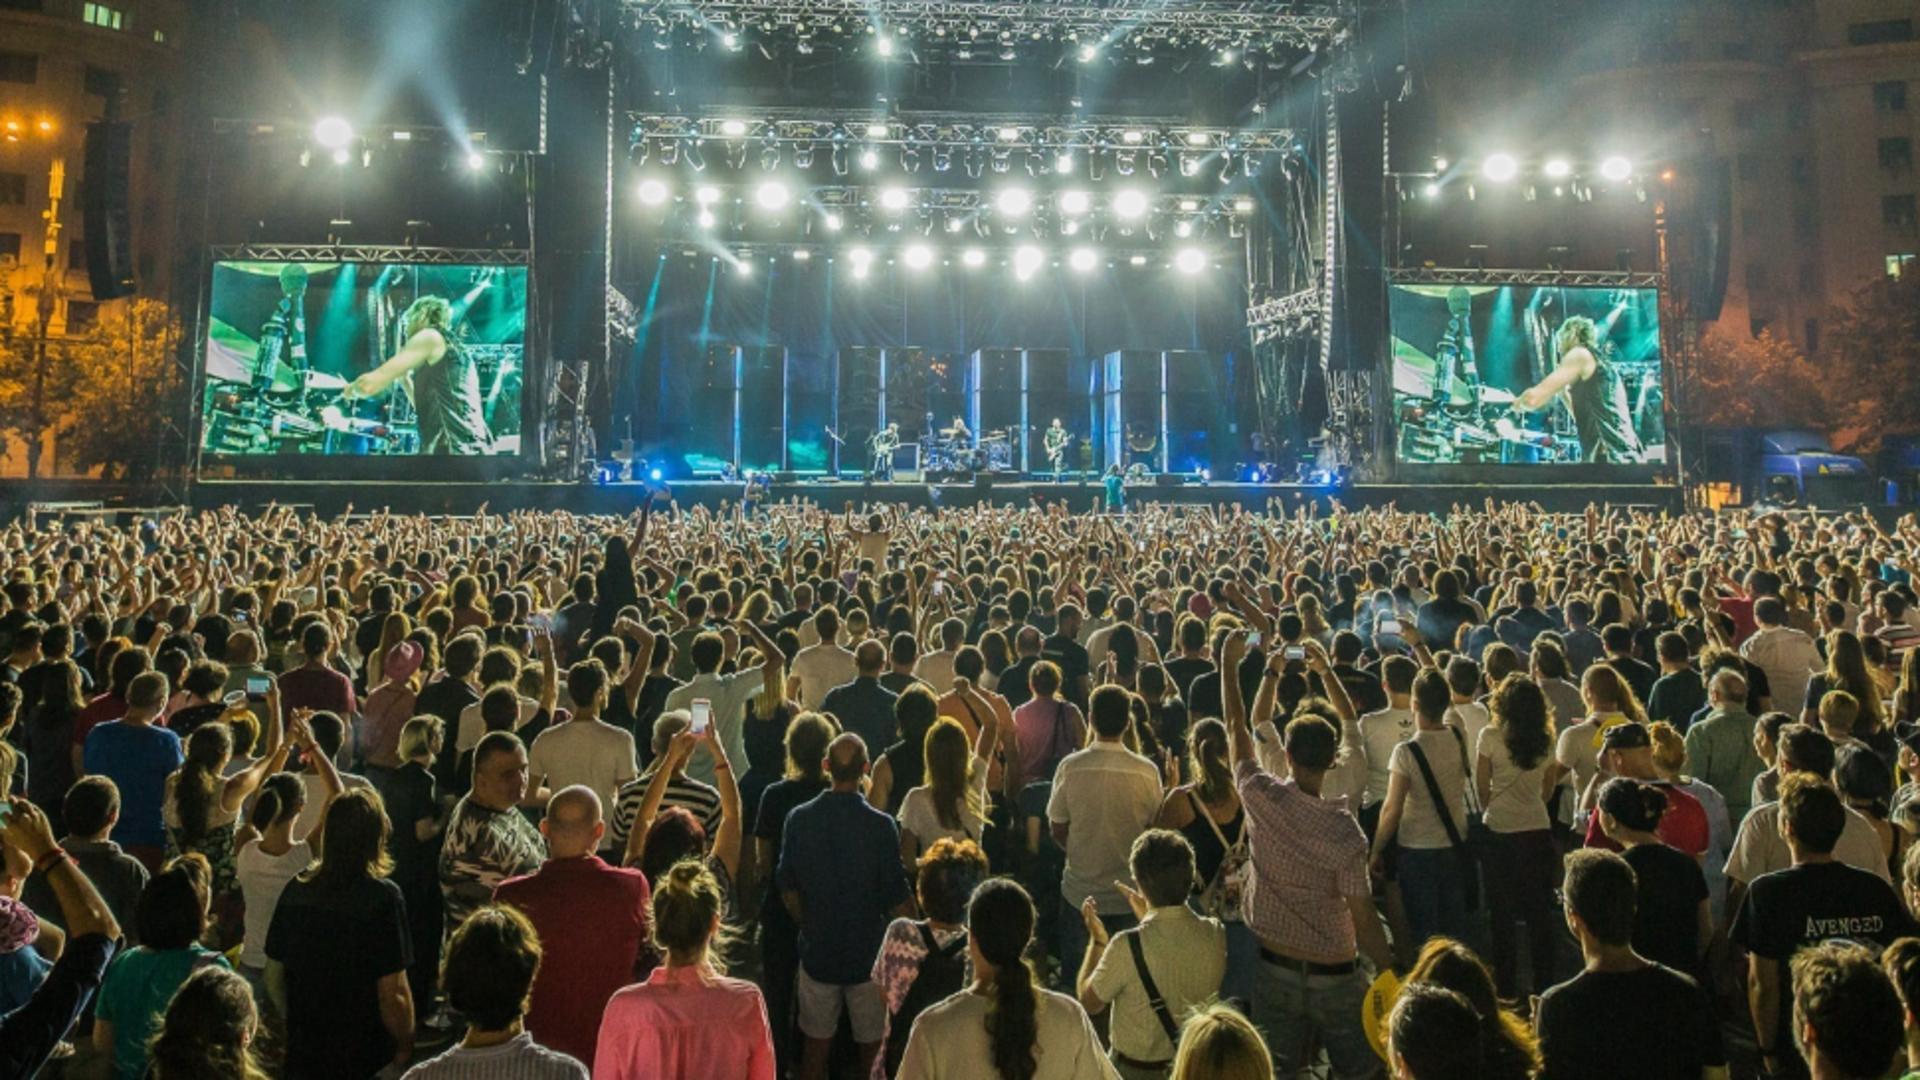 LIBER la turnee și concerte pentru muzicienii britanici în UE după BREXIT Foto: iconcert.ro